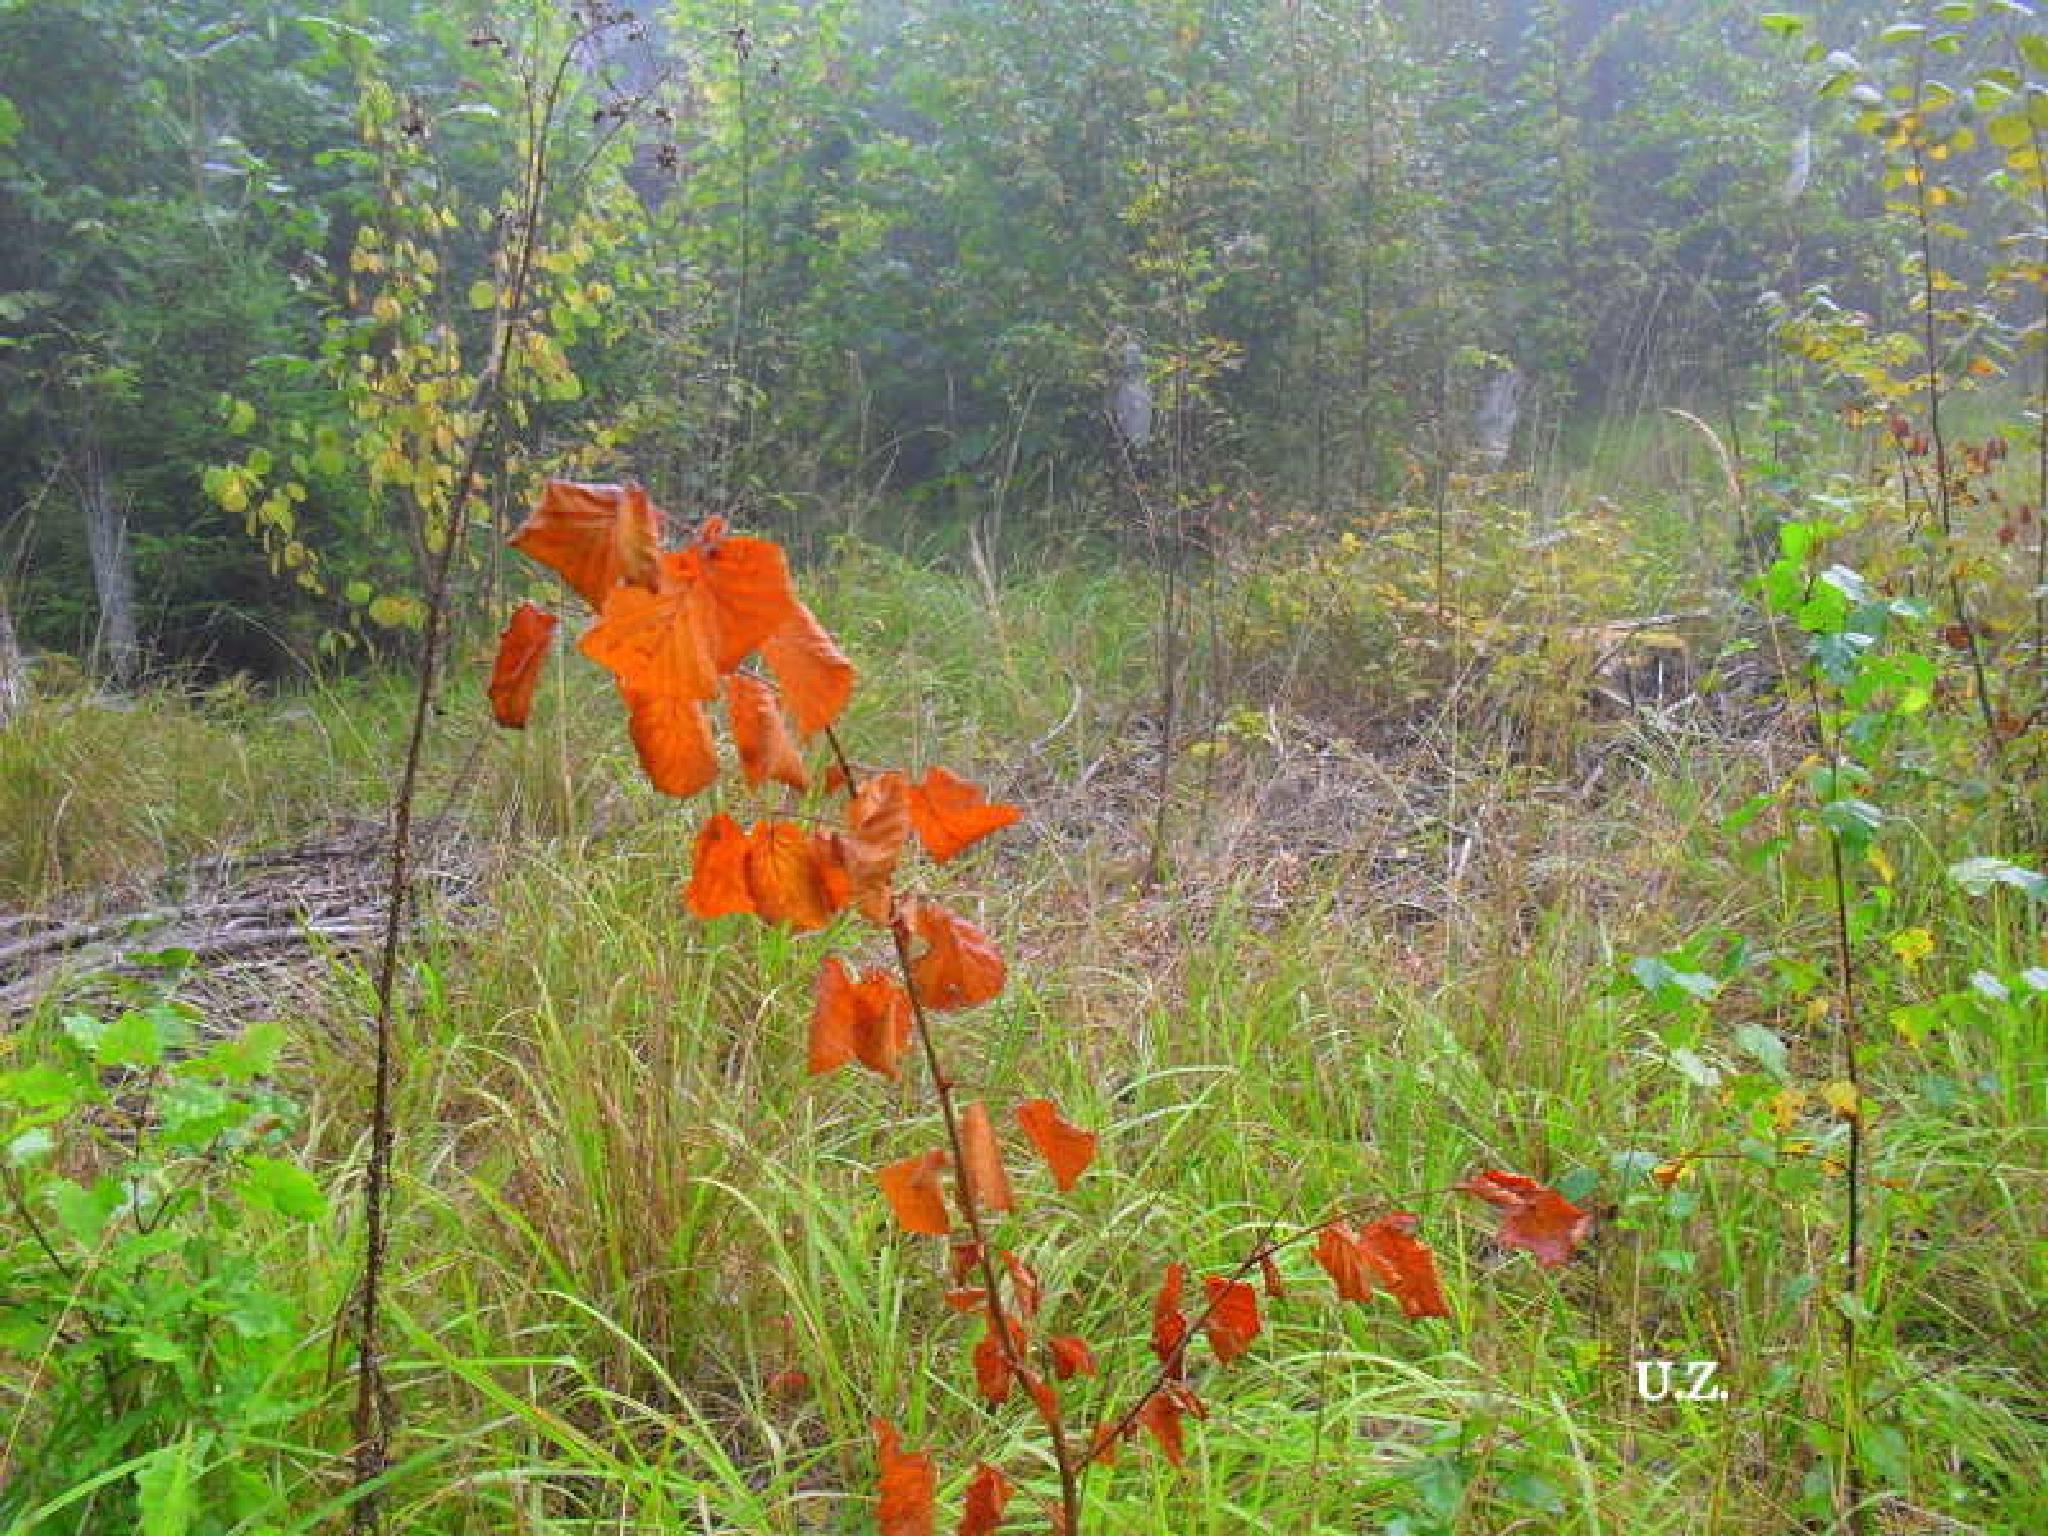 Autumn in the forest by Zita Užkuraitienė